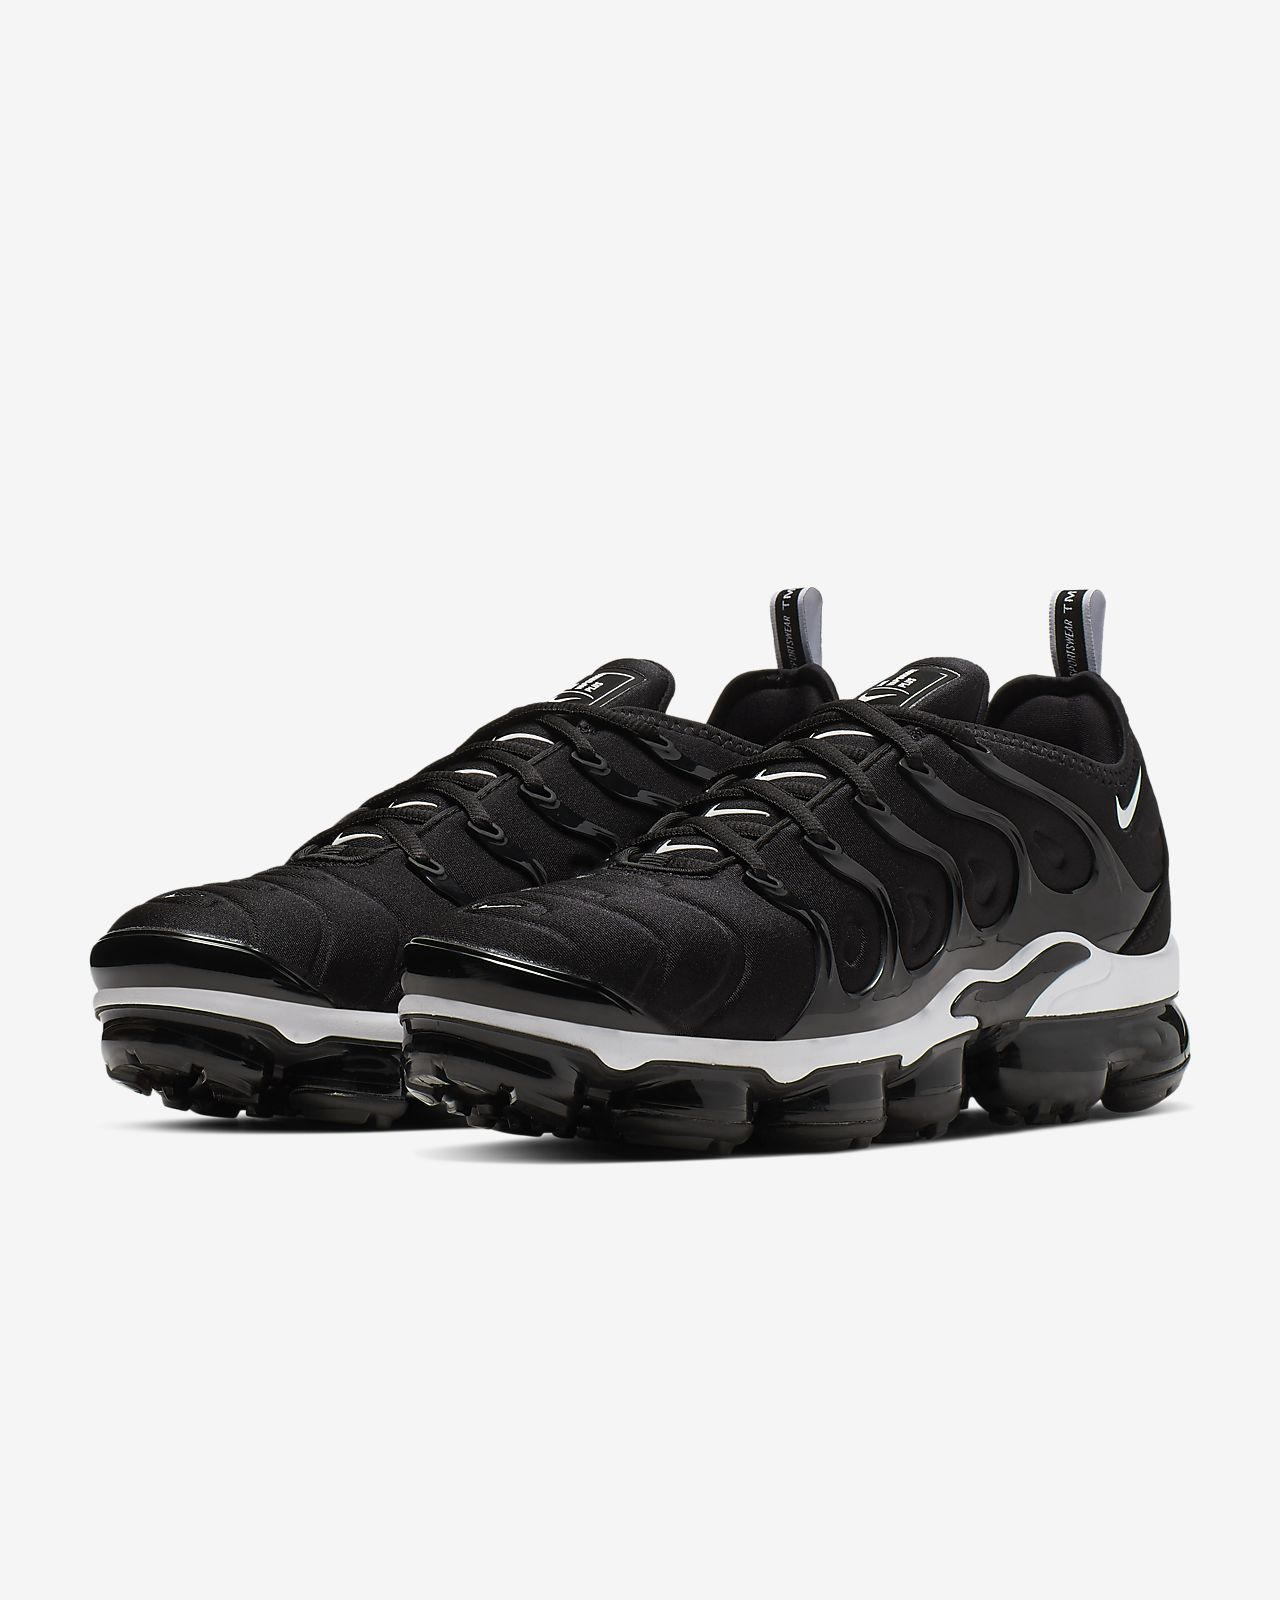 finest selection cd0a6 04d99 ... Nike Air VaporMax Plus-sko til mænd